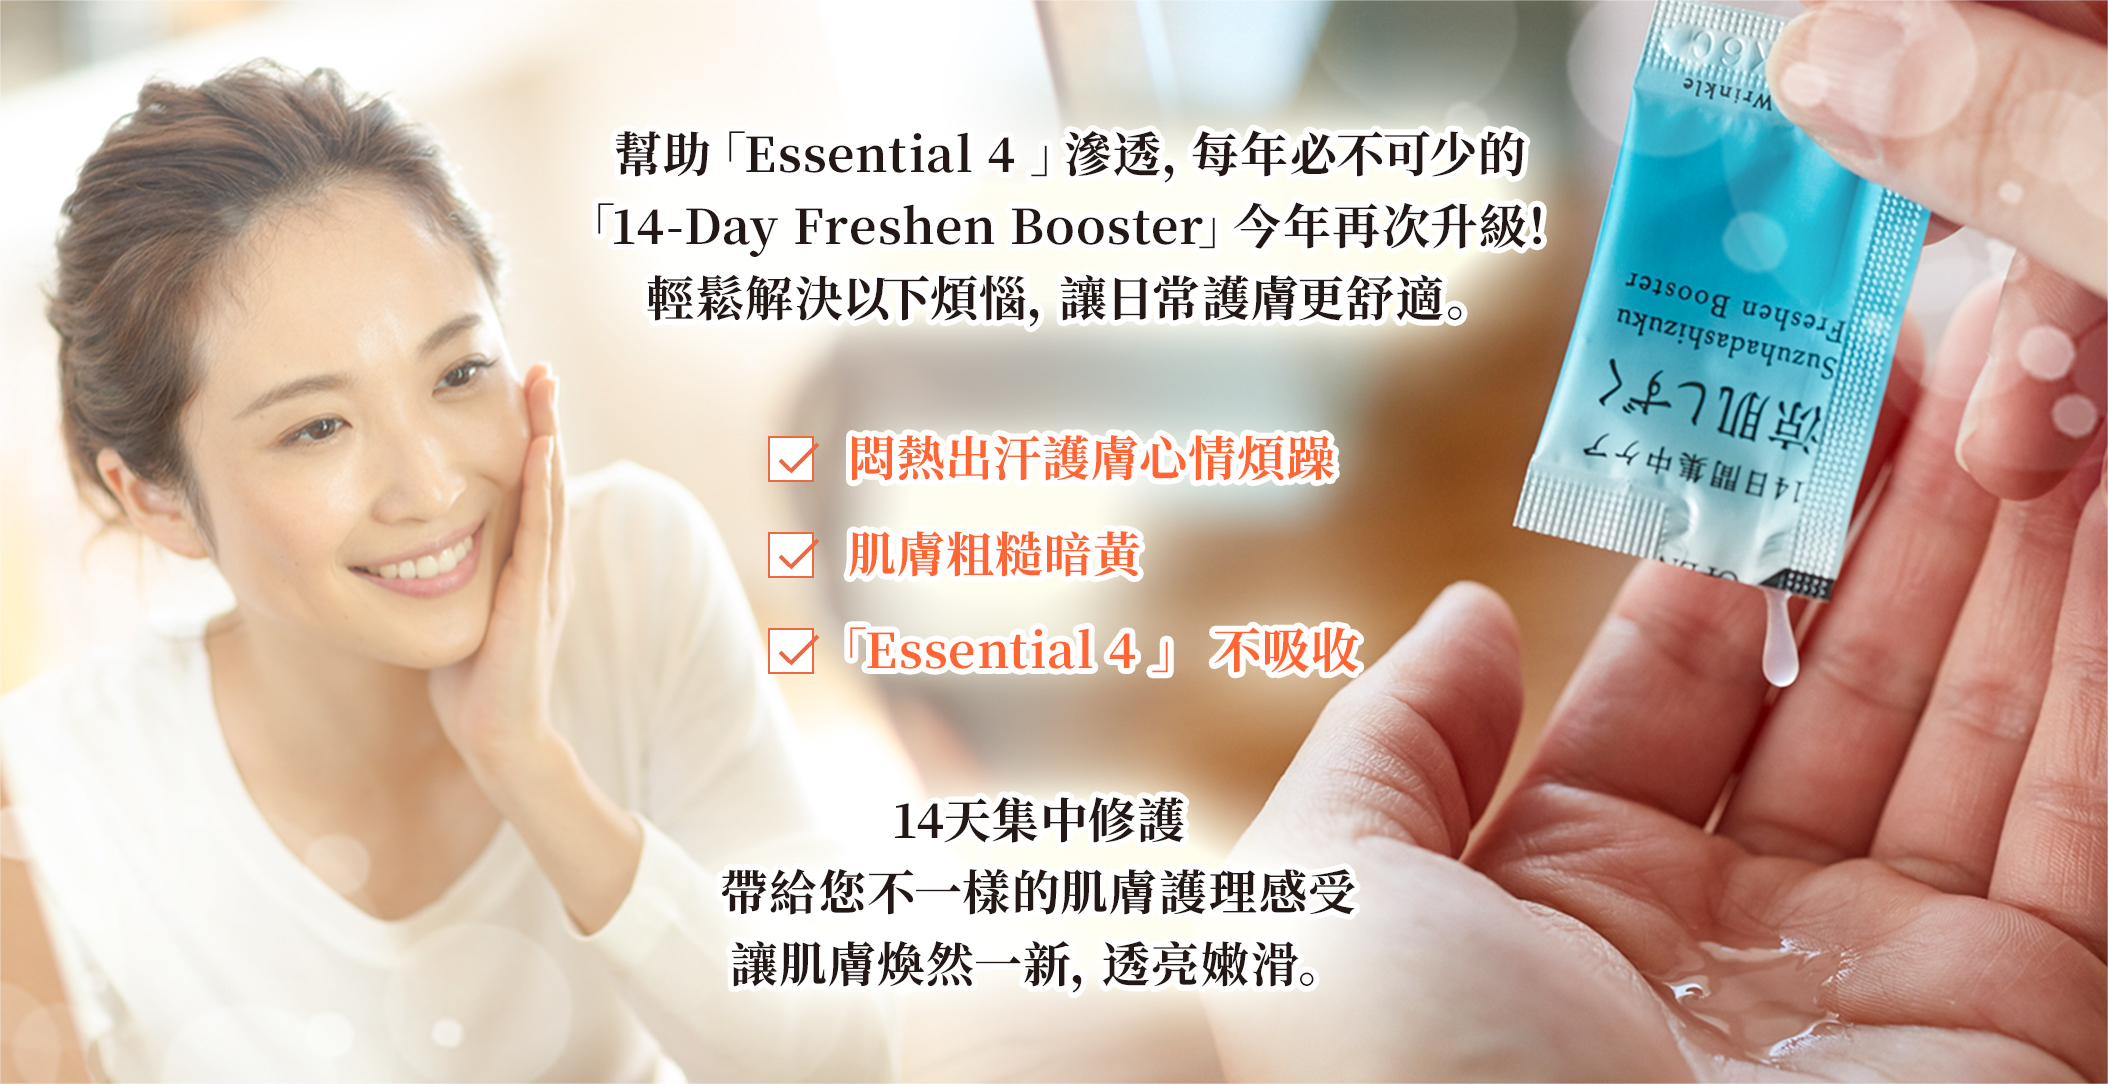 幫助「Essential 4 」滲透,每年必不可少的 「14-Day Freshen Booster」今年再次升級! 輕鬆解決以下煩惱,讓日常護膚更舒適。 悶熱出汗護膚心情煩躁 肌膚粗糙暗黃 「Essential 4 」 不吸收 14天集中修護 帶給您不一樣的肌膚護理感受 讓肌膚煥然一新,透亮嫩滑。